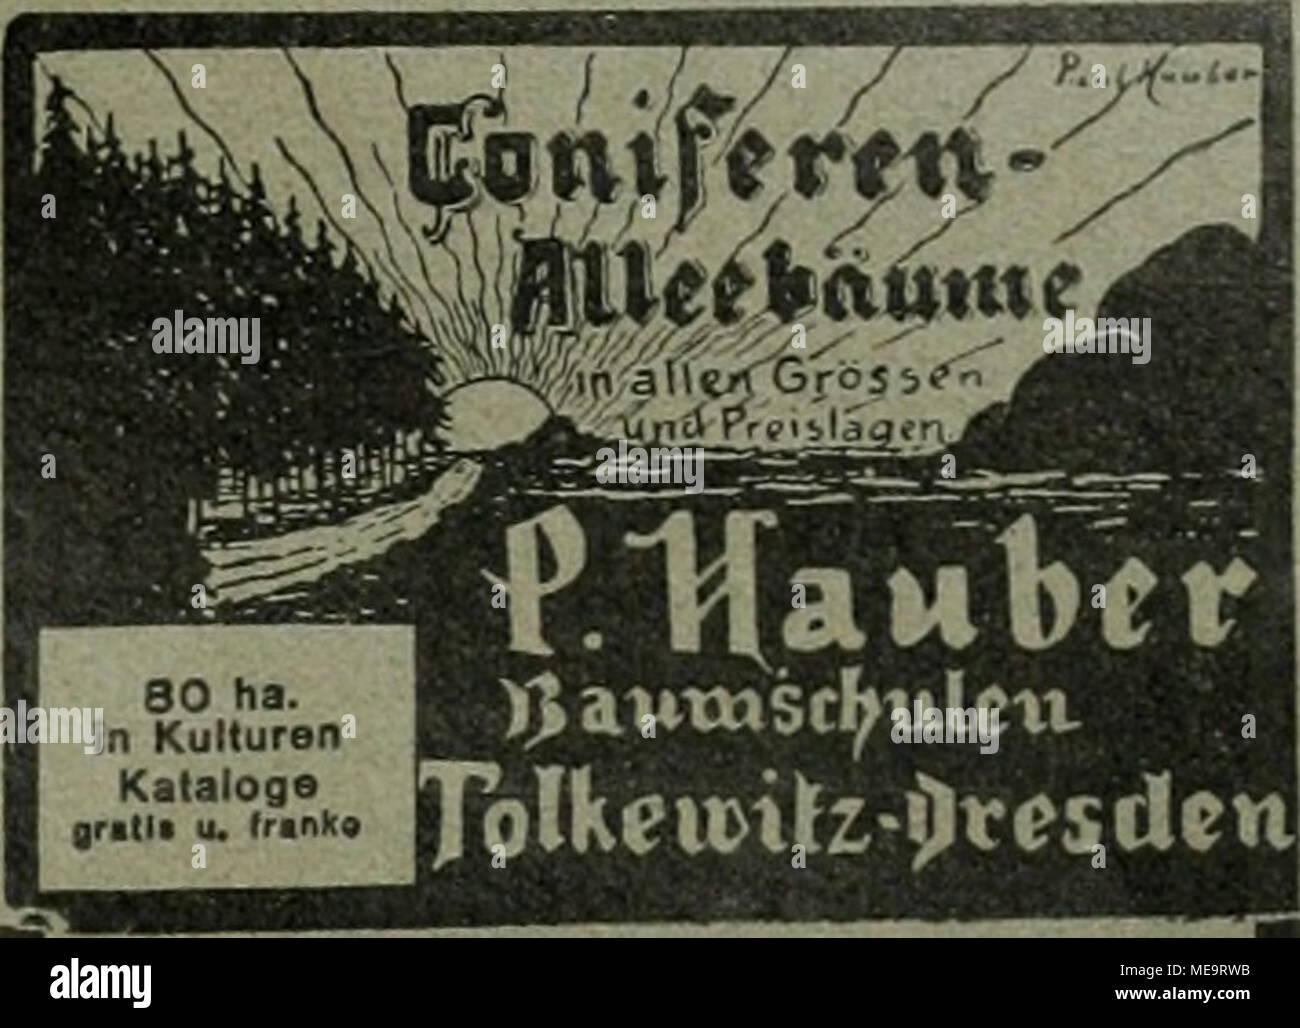 """. Die Gartenkunst . Heckenpflanzen Ziergehölze Rosen - Stauden GoptenweriiZBugB u. Beröte ^(.«fottnoWl 100 Winlerharhe ^BuiTEnsTAUDEn y BLÜTEMBERG', in 25 Sorten ncUit 2 ... ^^^^^..^^ » illustr Handbuch , Grossblättrige Ulmen mehrmals verpflanzte tadeUosr Stämme. 18—25 cm. St.-Umfg """" .- mehrere iOOO St. Coniferen, extra starke Pflanzen mit festem Ballen empfiehlt G' D. Böhije, Baumschulen, Westerstede in Oldenburg. Stock Photo"""